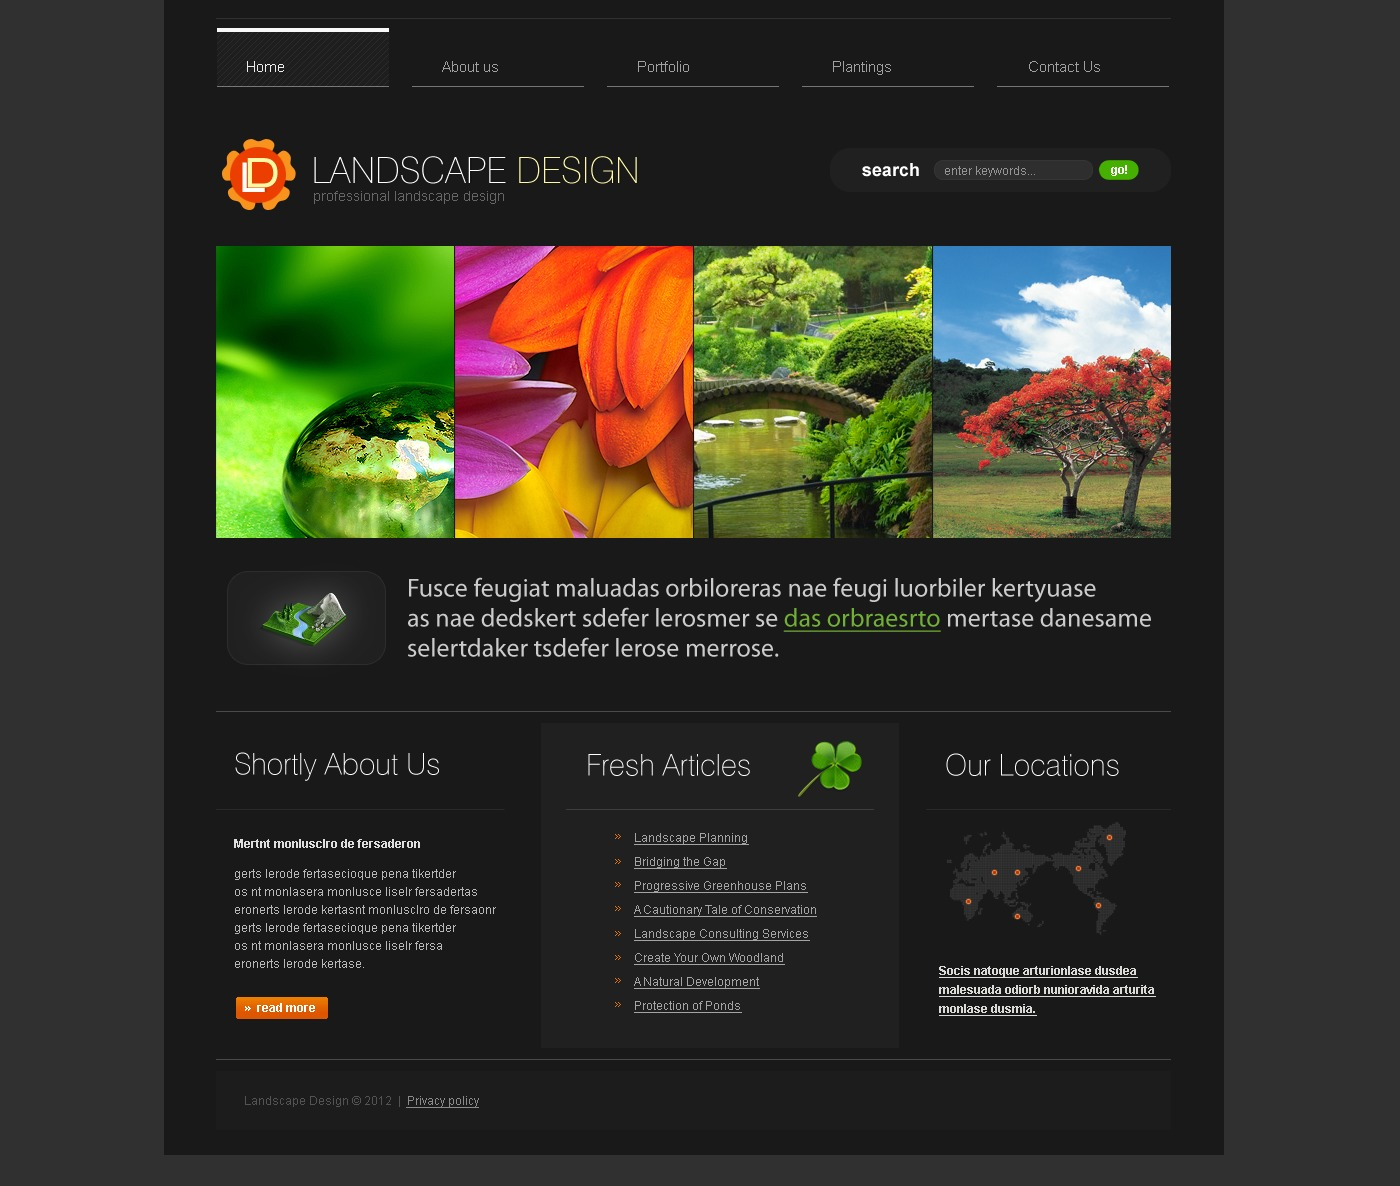 Peyzaj Tasarımı Psd #37039 - Ekran resmi